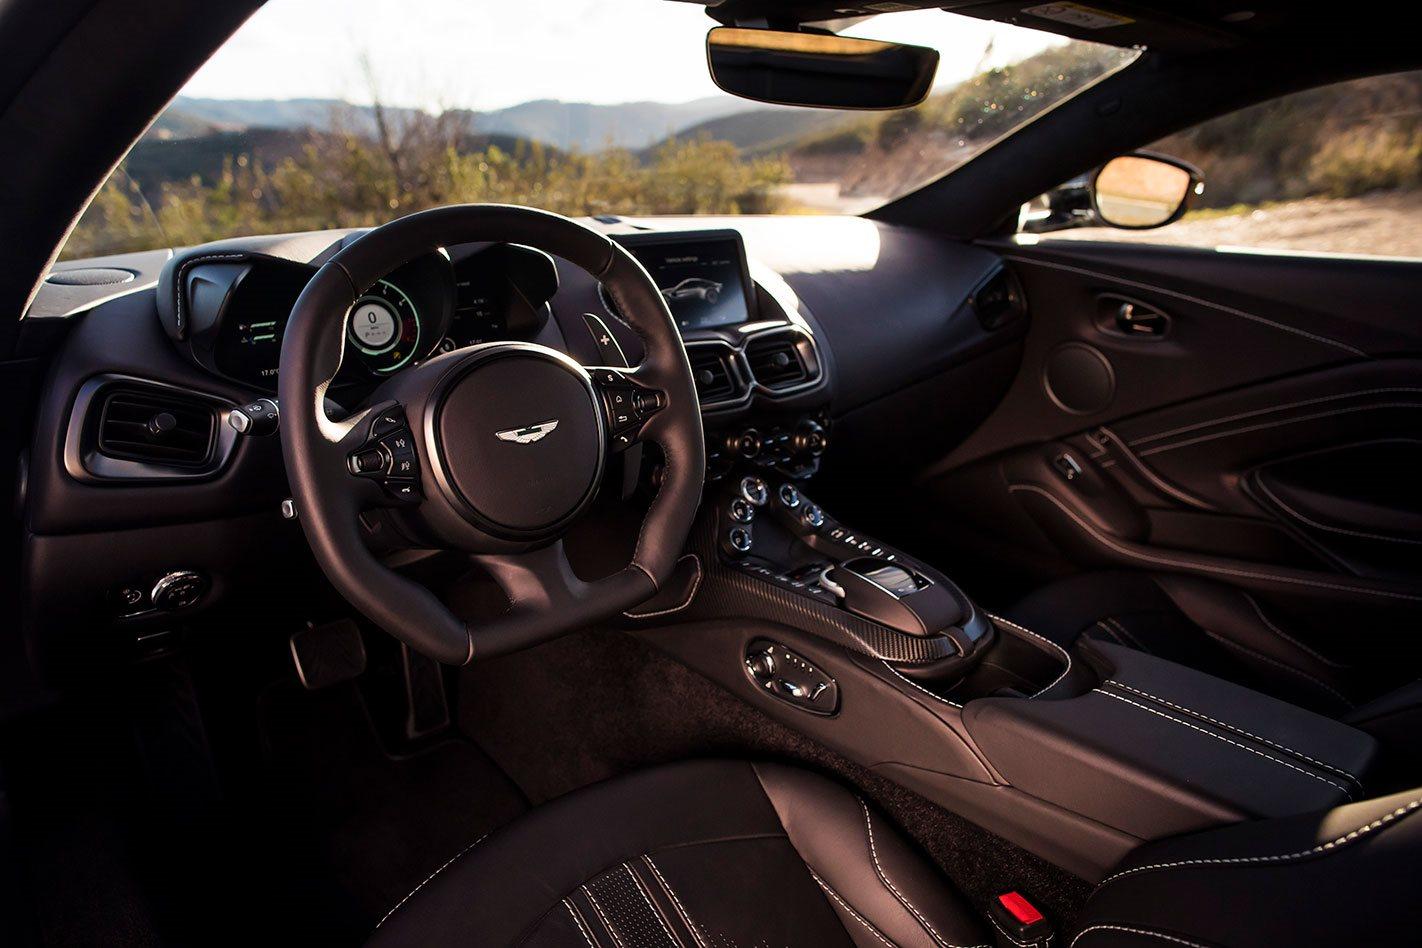 2018 Aston Martin Vantage interior